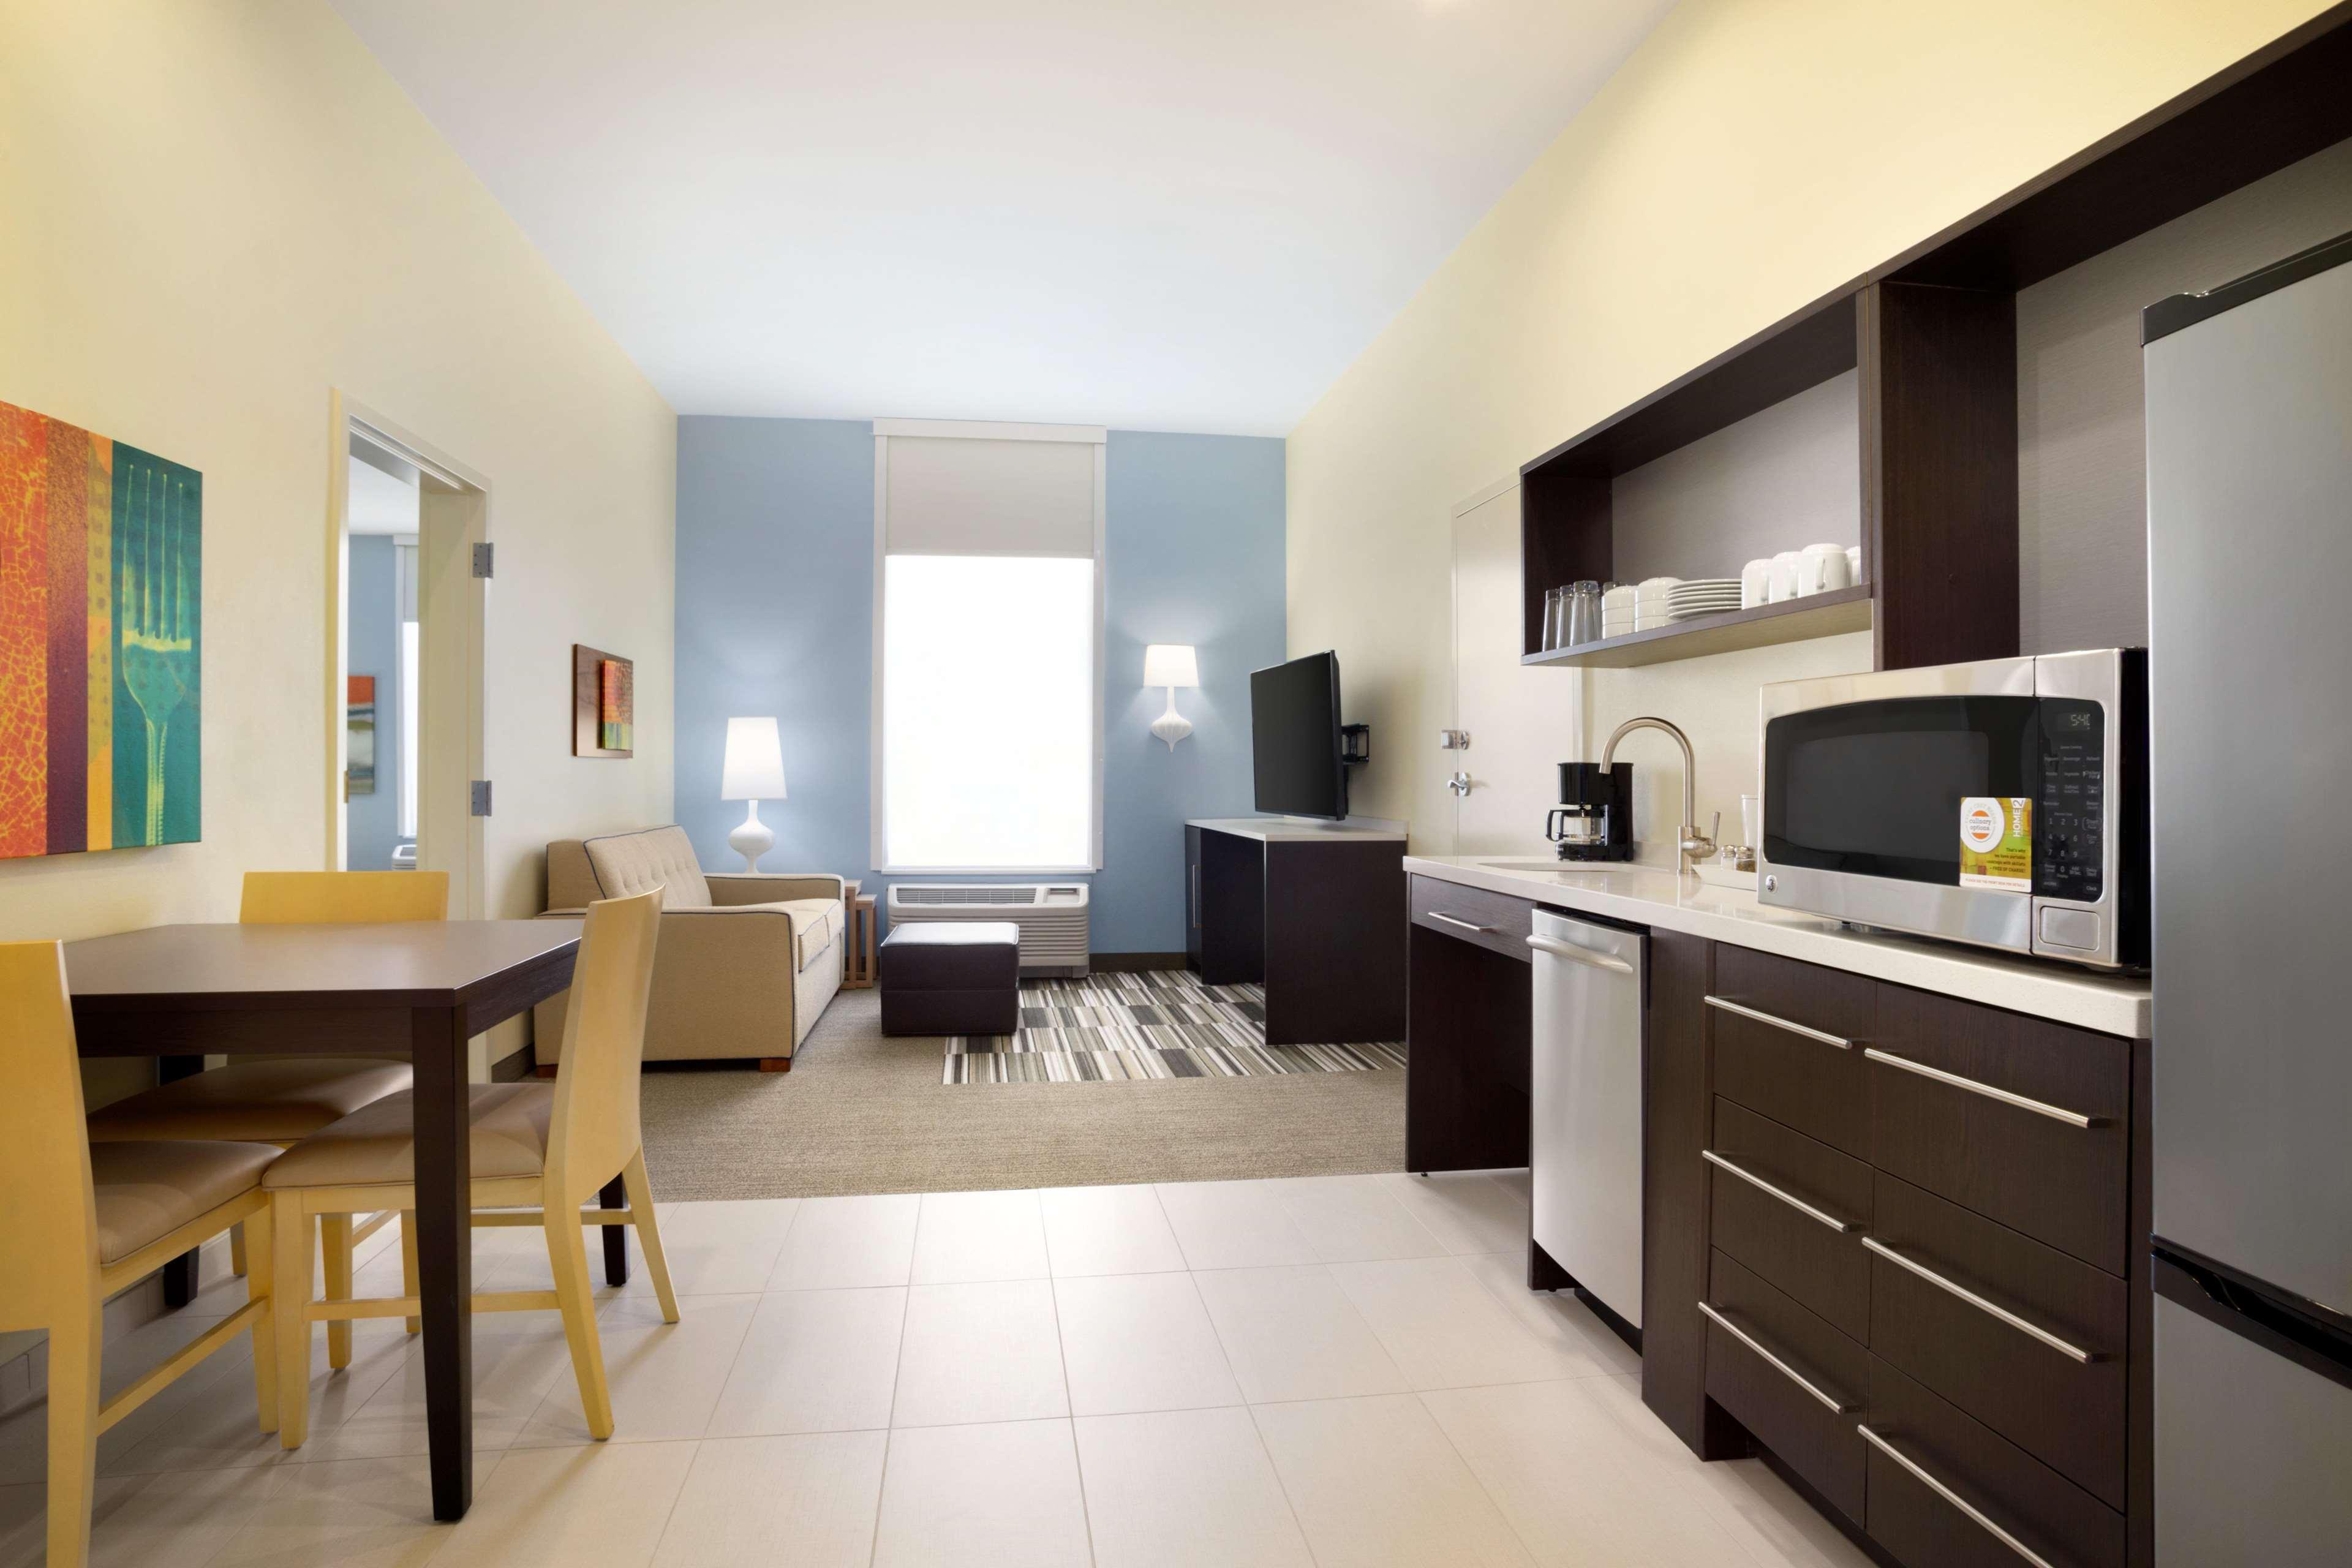 Home2 Suites by Hilton McAllen image 25